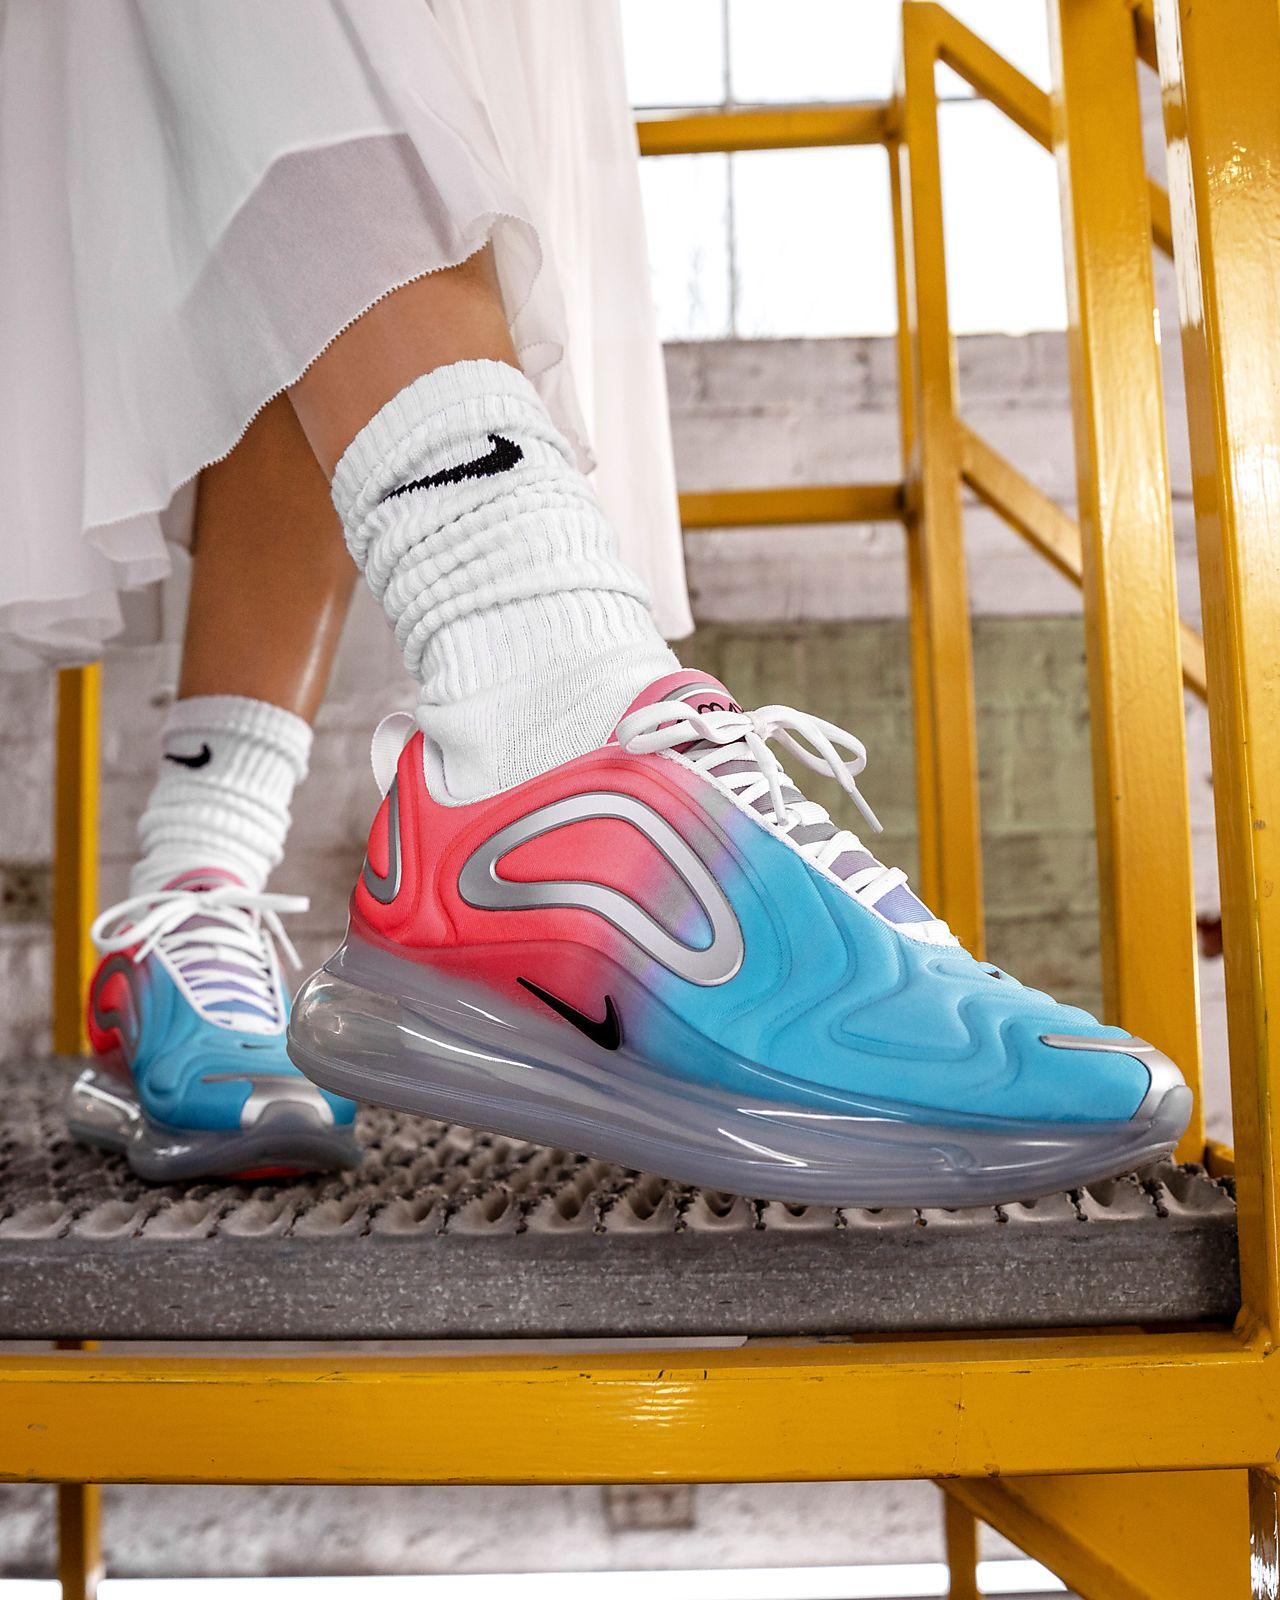 Nike 720 Air Shoe Women's Max R3qAL54j